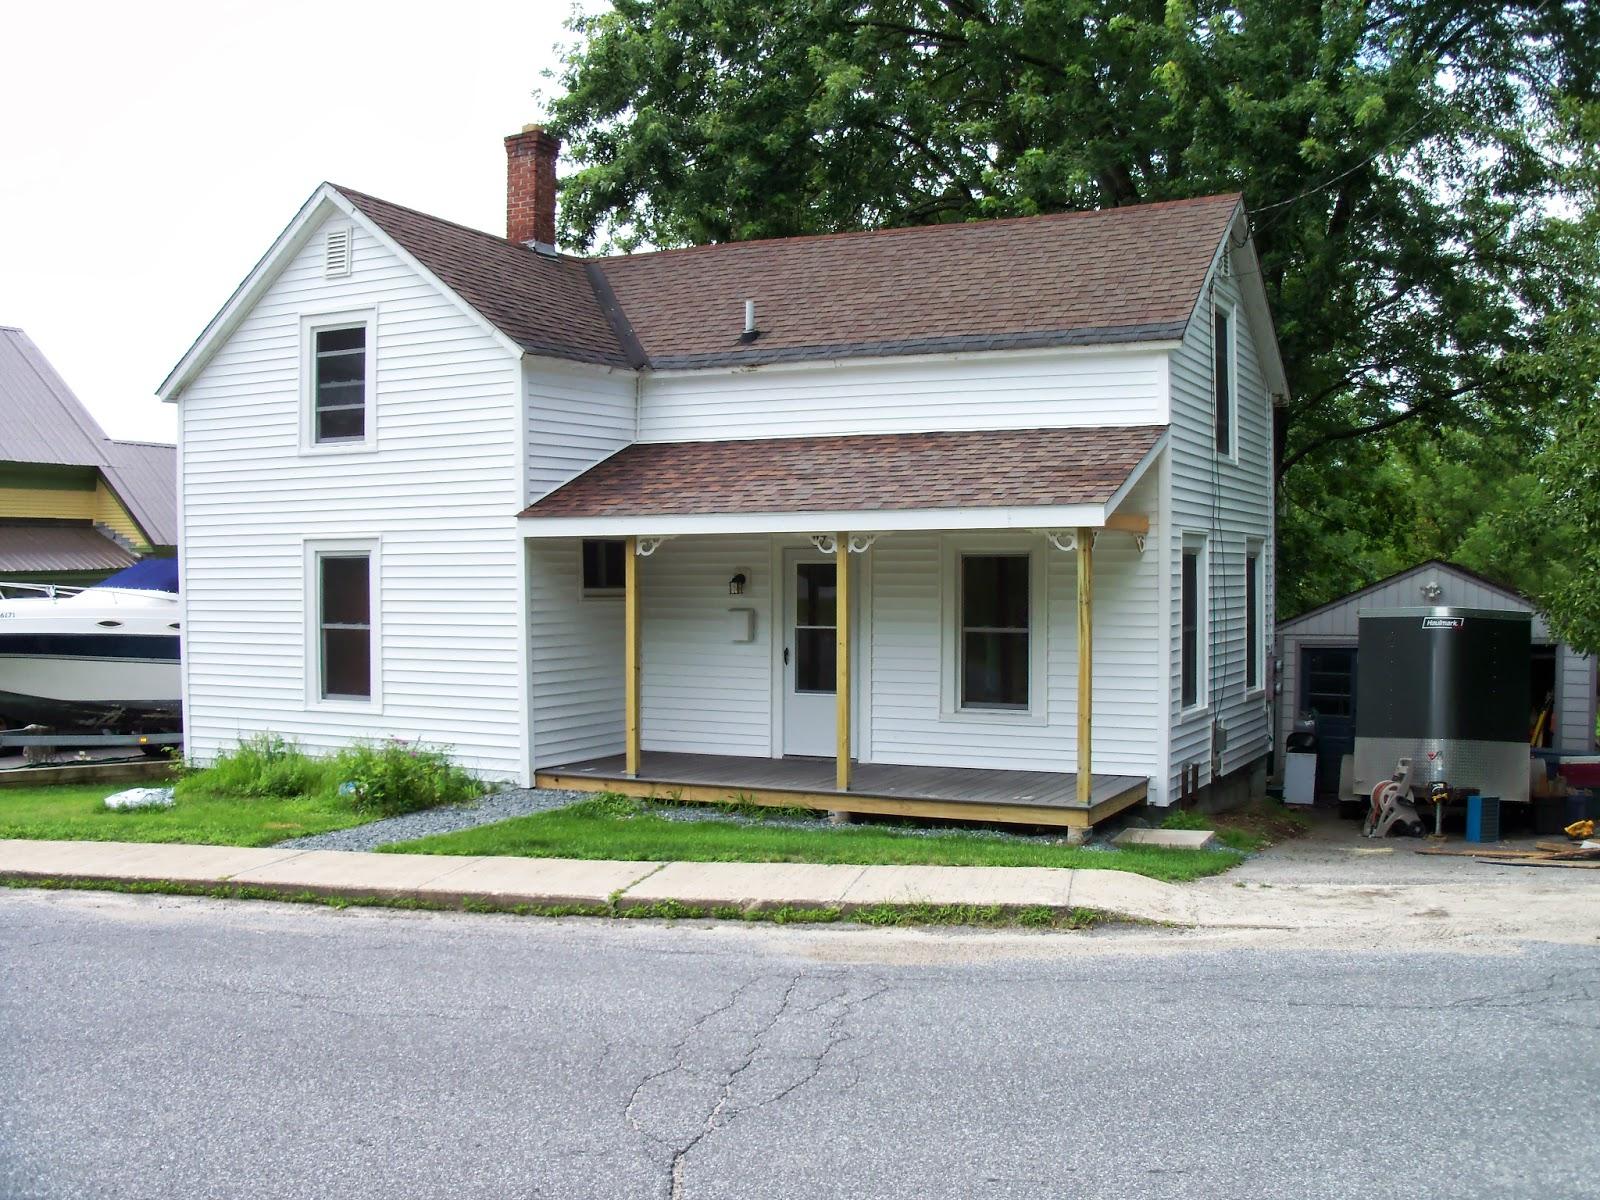 37 Carver St, Brandon, VT